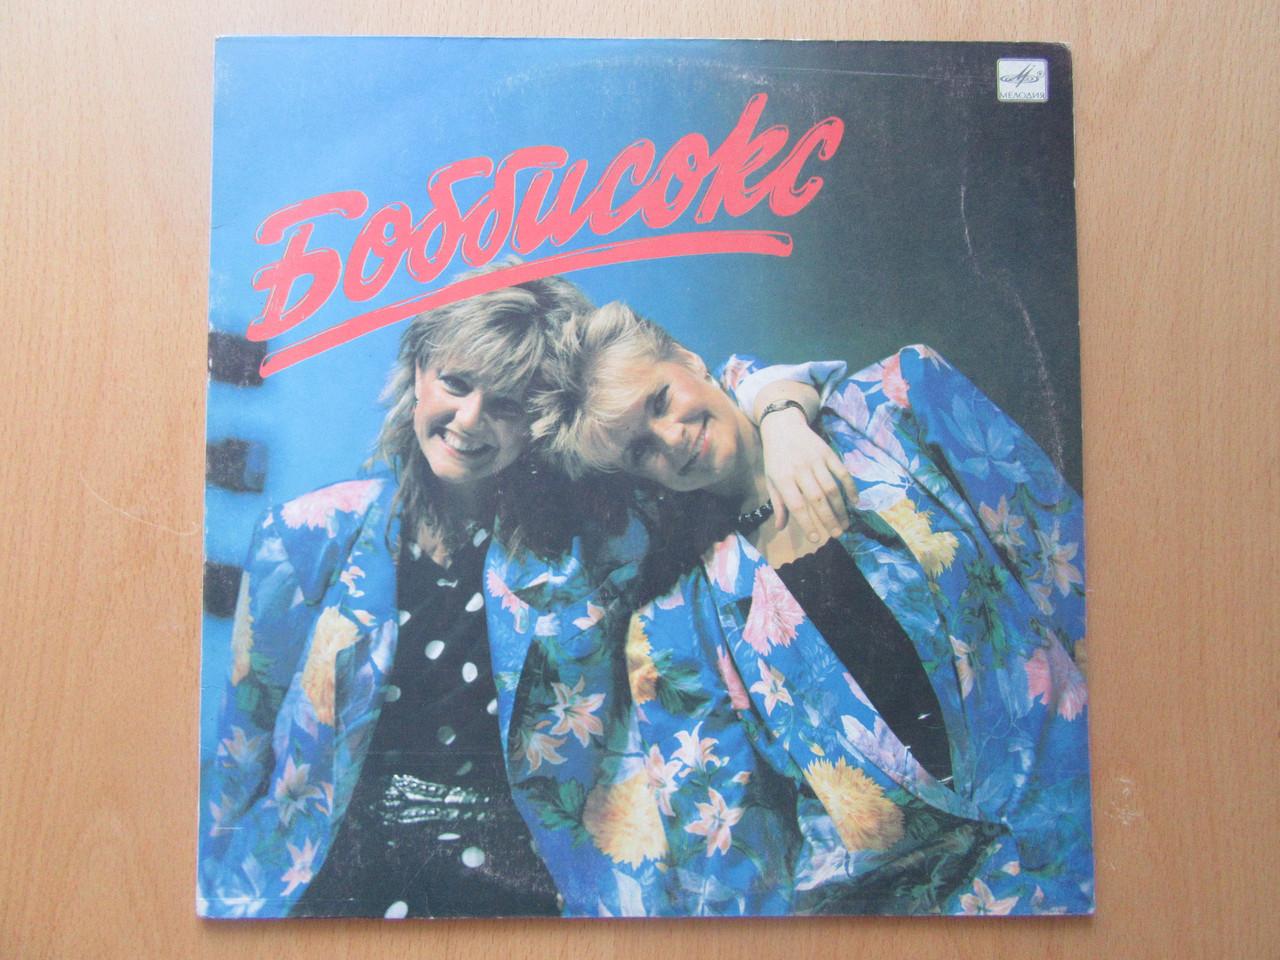 Пластинка. Ансамбль Боббисокс (Bobbysocks). Запись 1986г